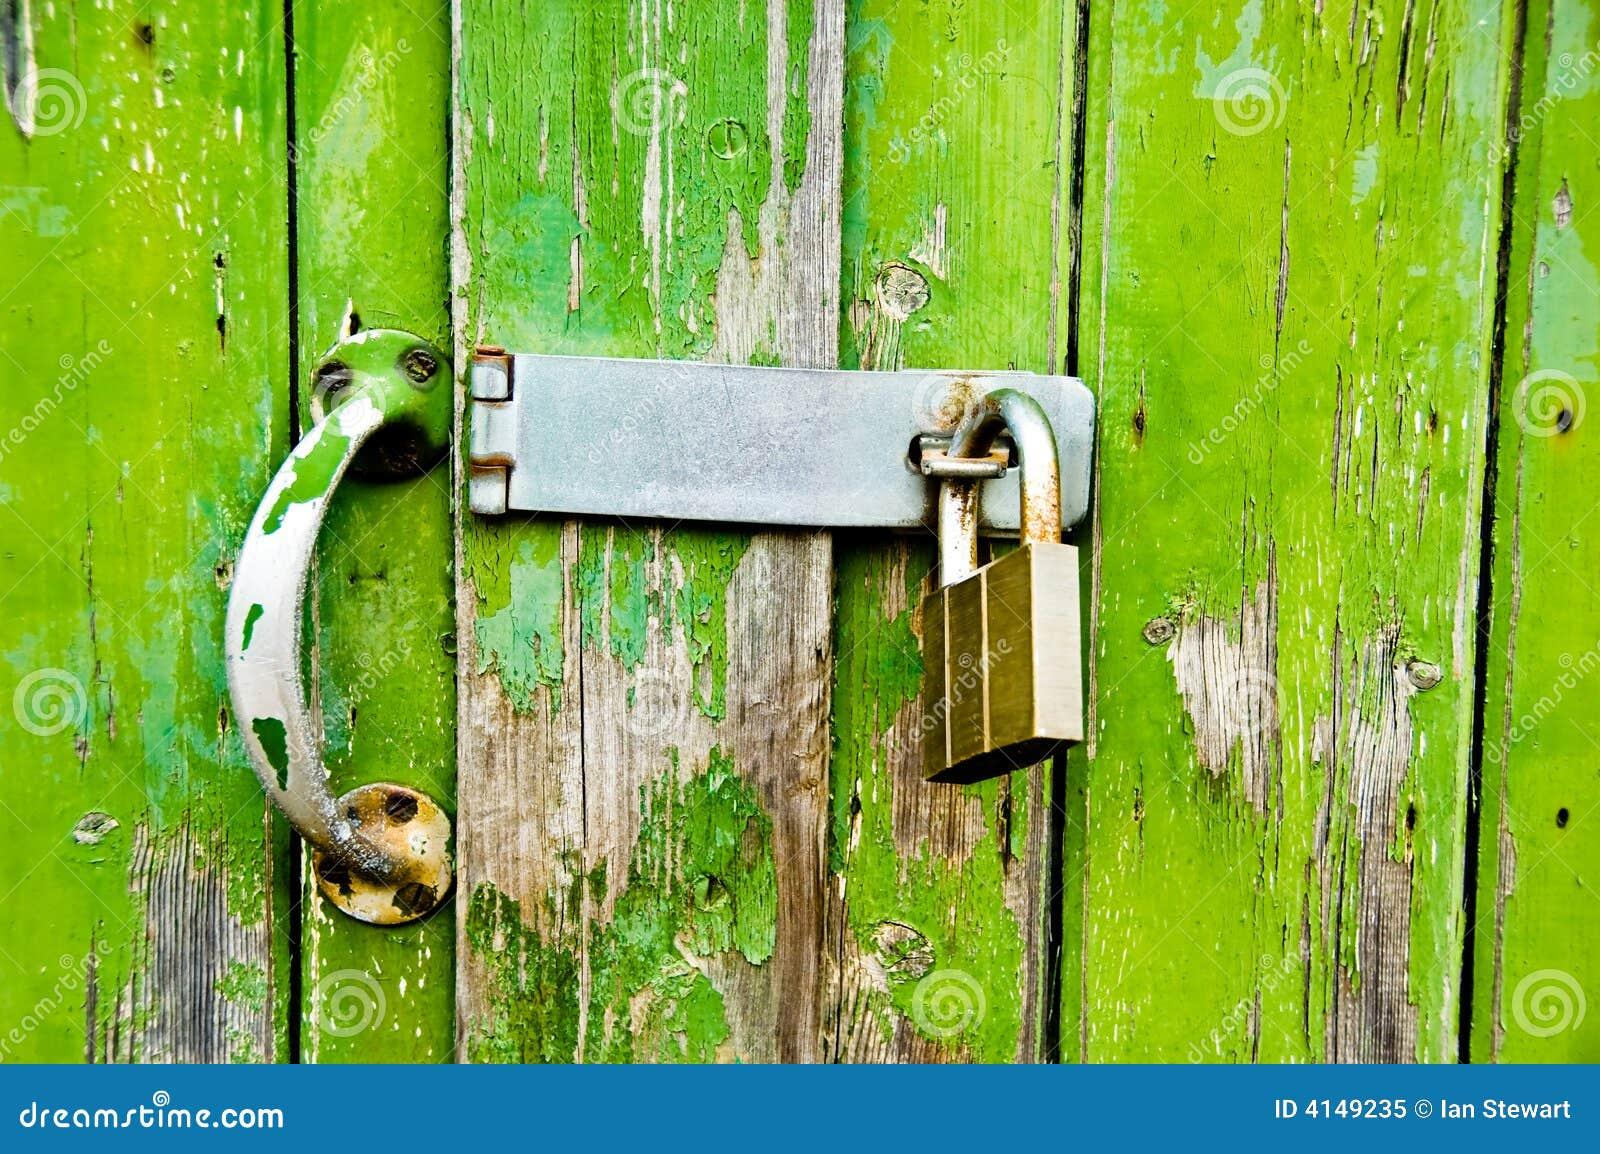 Green Garage Door Lock